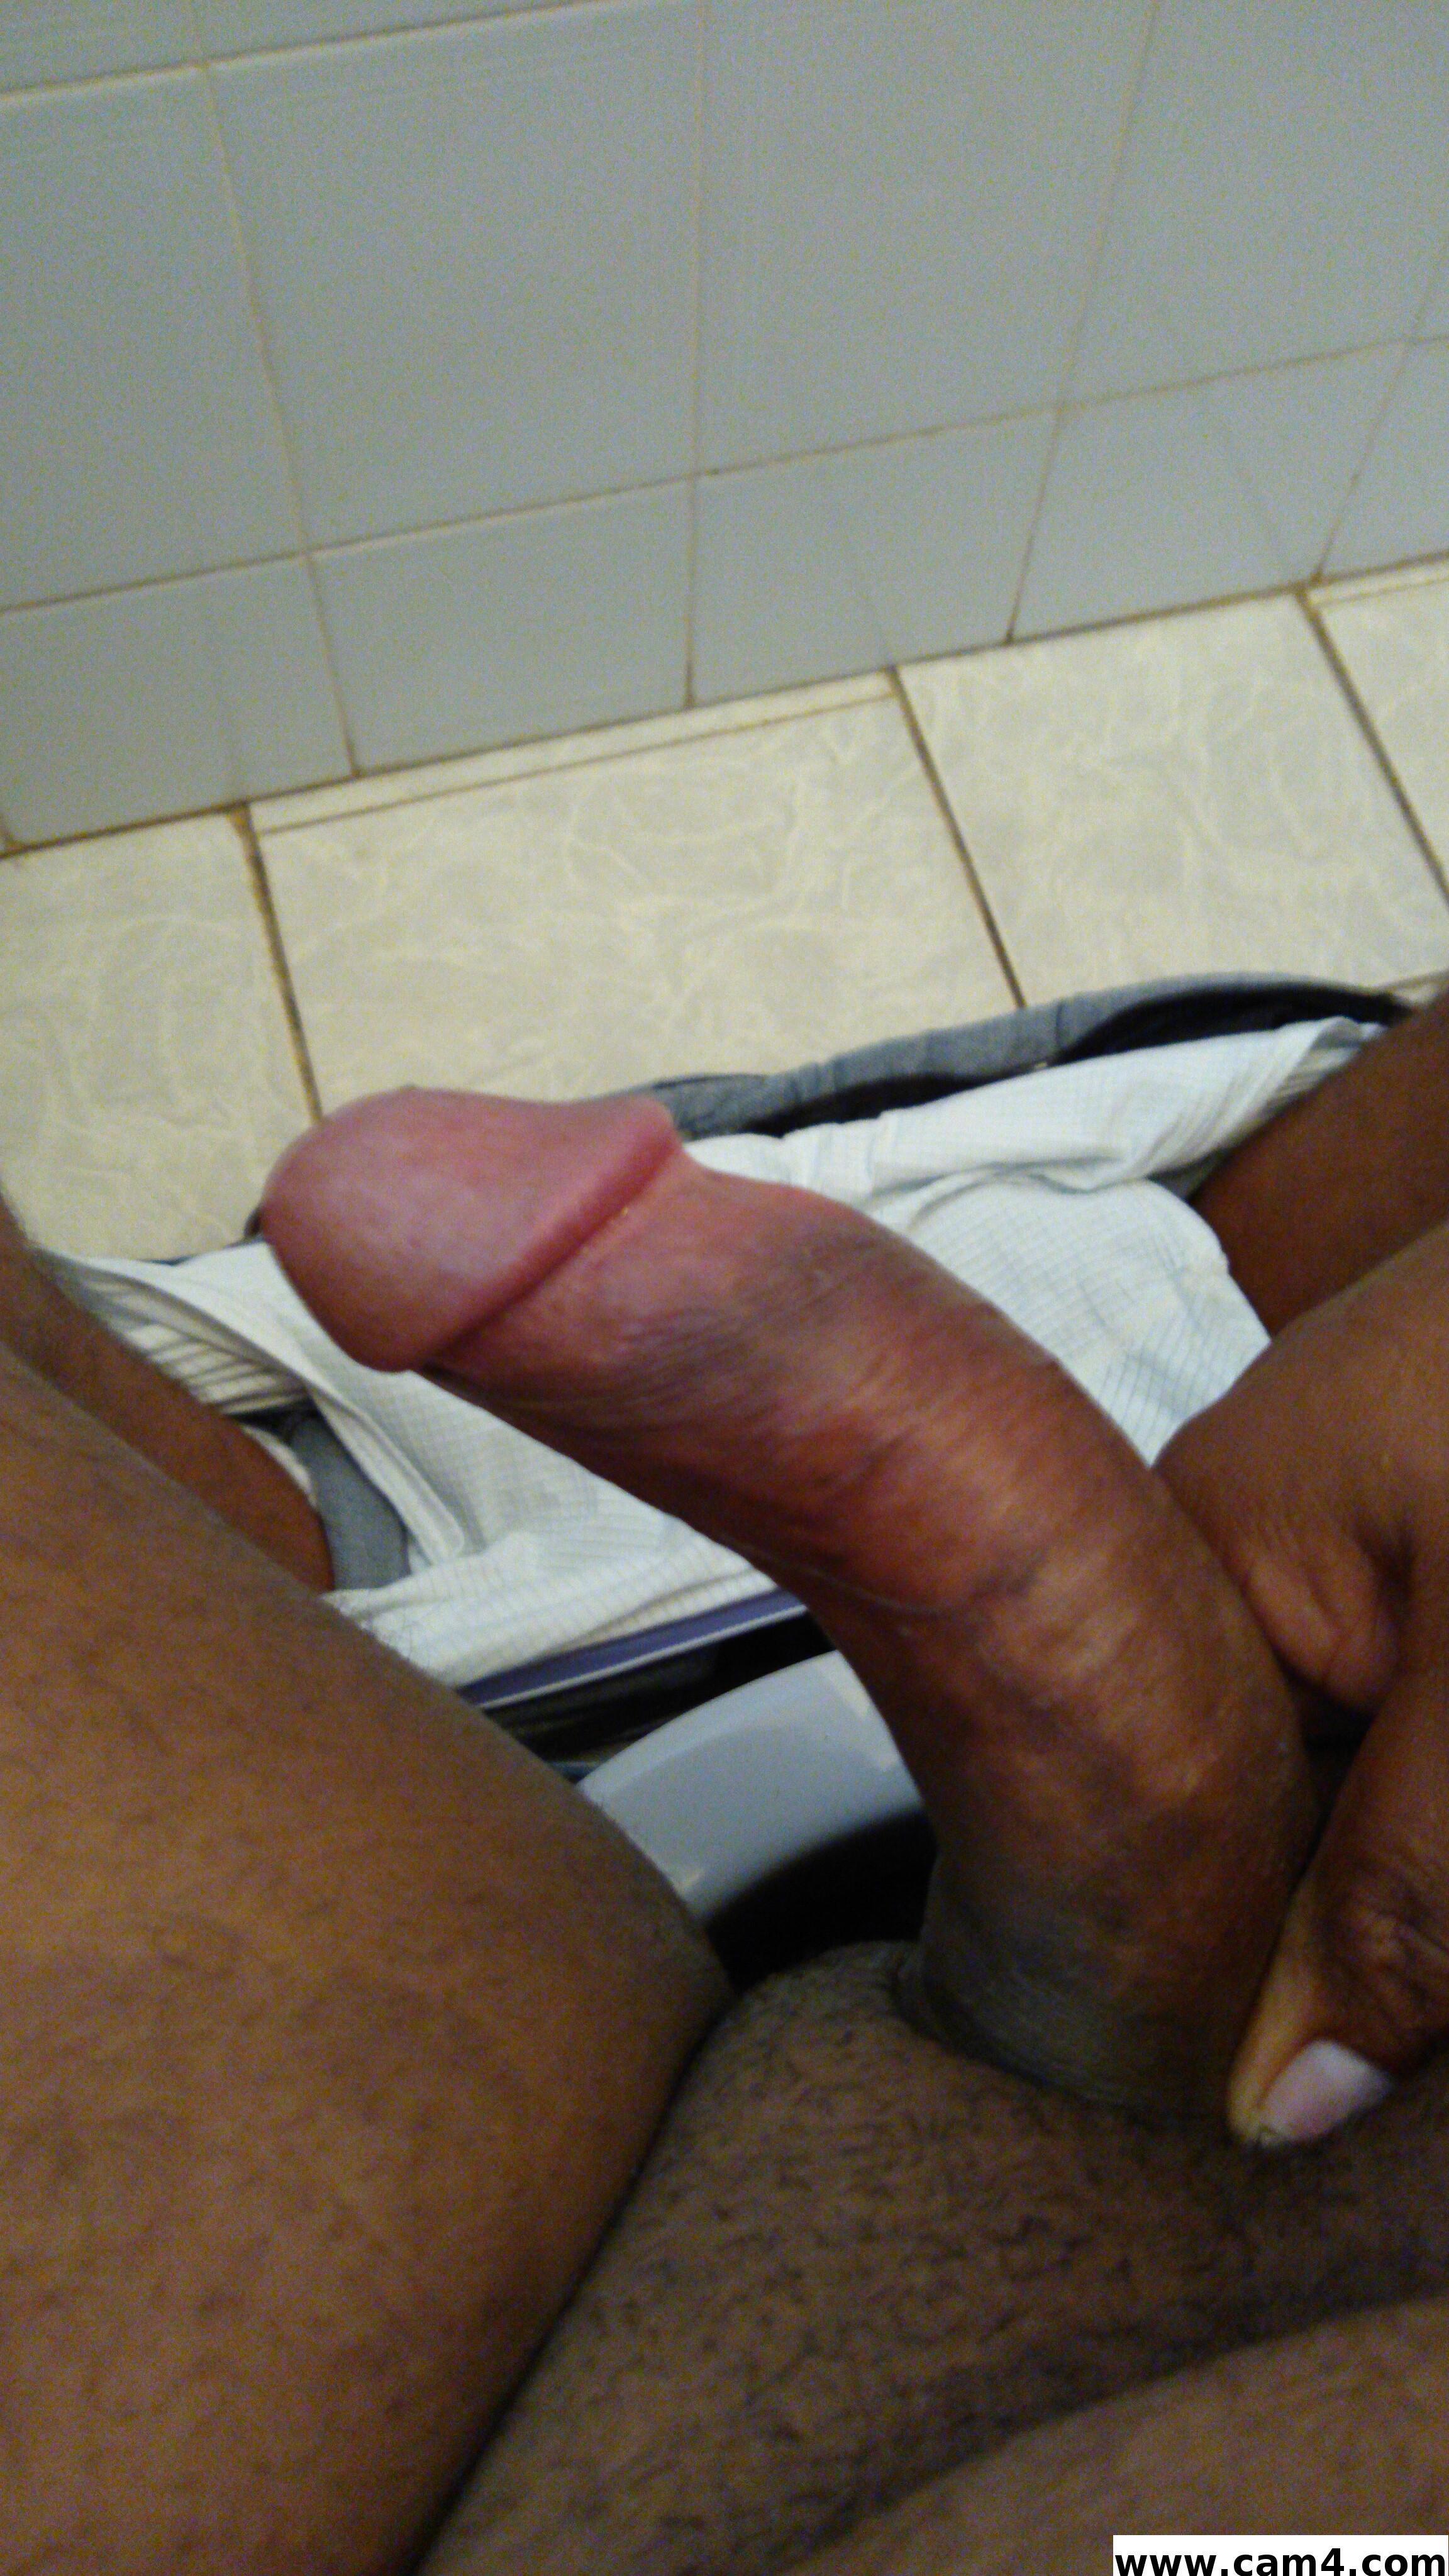 Carlos91?s=lezk8ci+n6adq4uesilssbu5xehrkucvnjq67zwqb64=